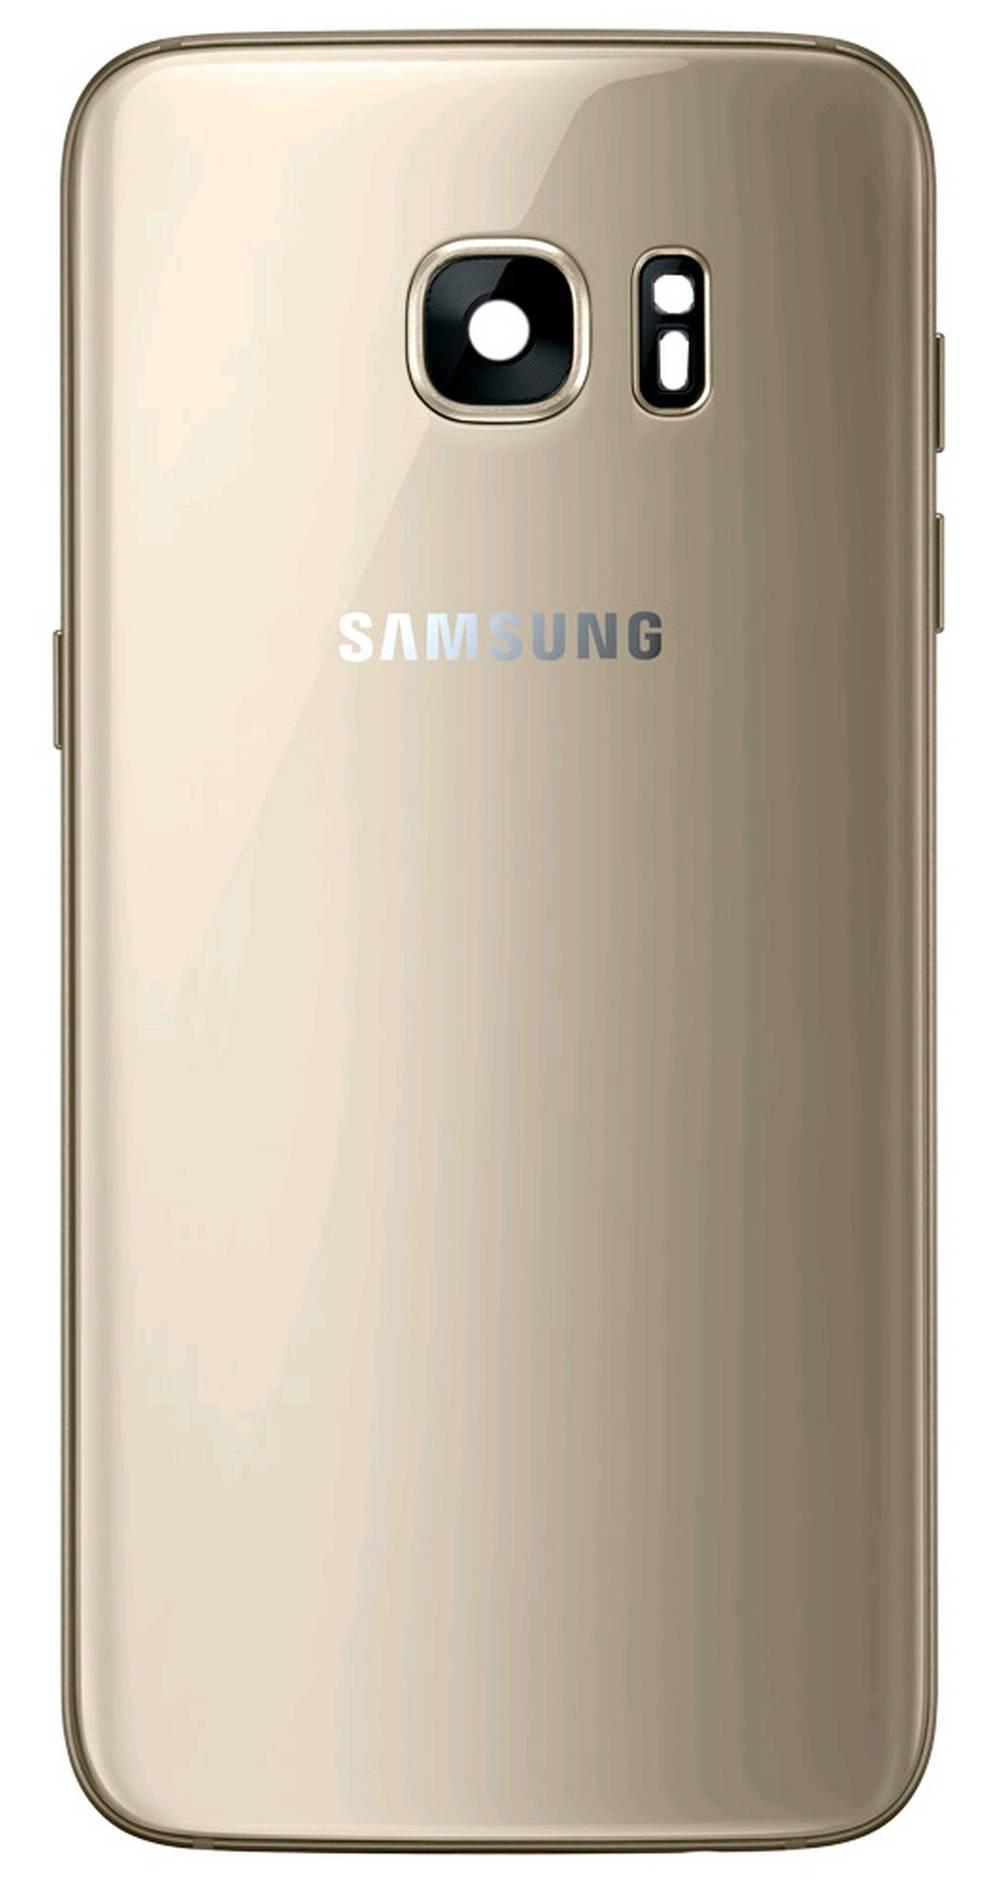 Καπάκι Μπαταρίας Samsung SM-G935F Galaxy S7 Edge Χρυσαφί Original GH82-11346C